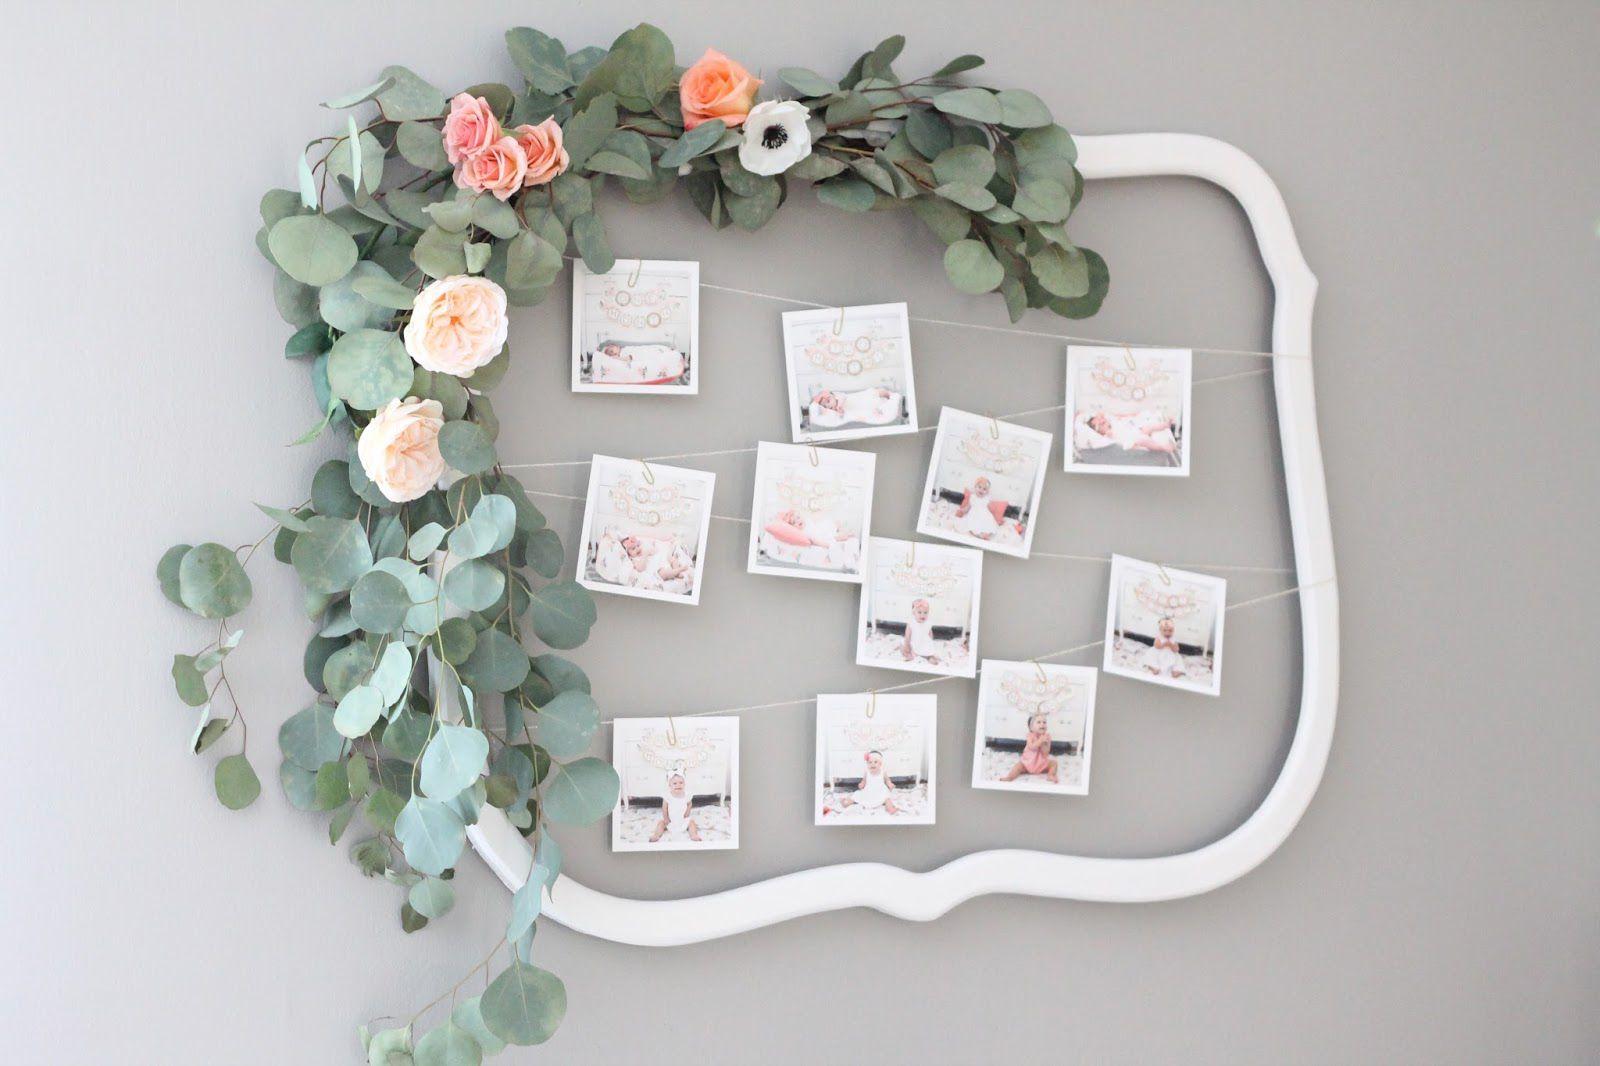 eucalyptus around picture frame